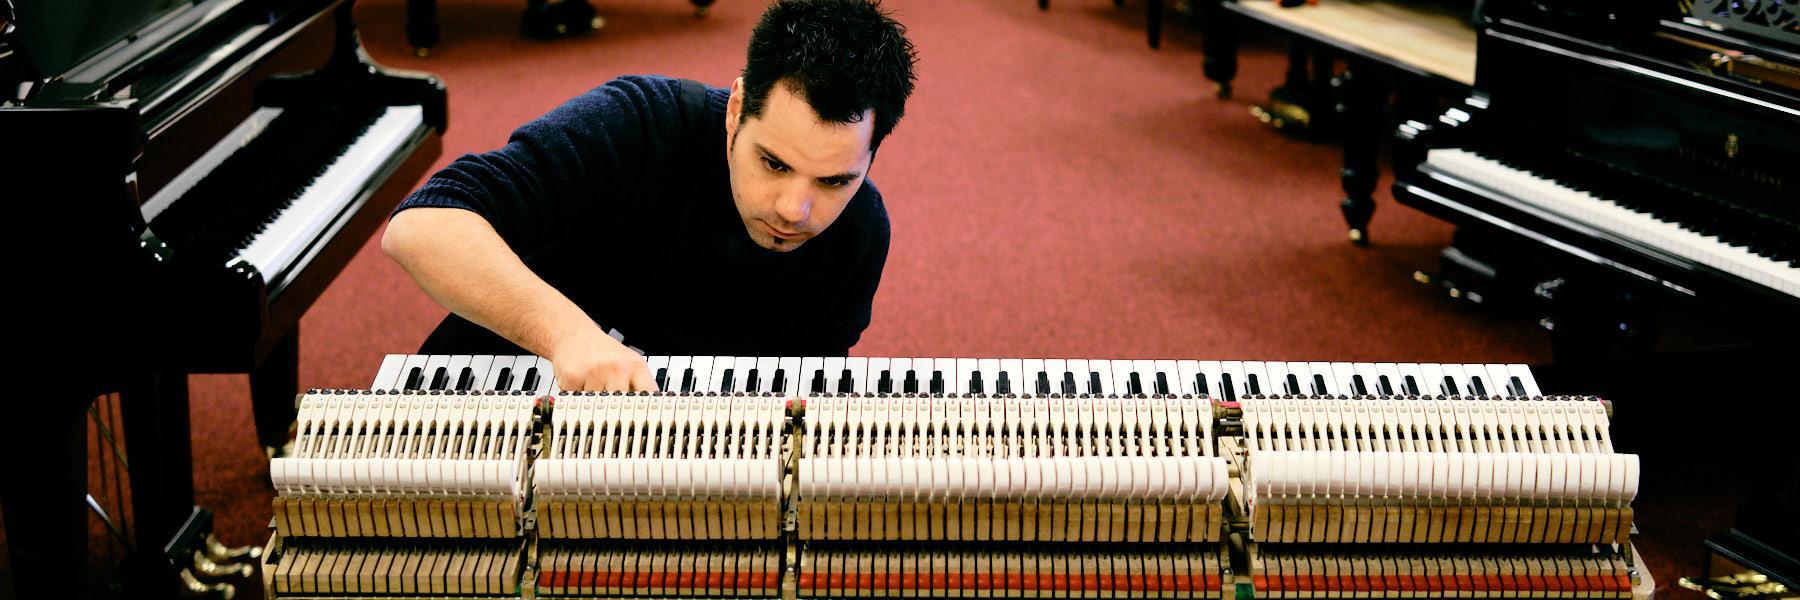 Van Dongen Piano's Pianostemmer 2 tim leguijt fotografie